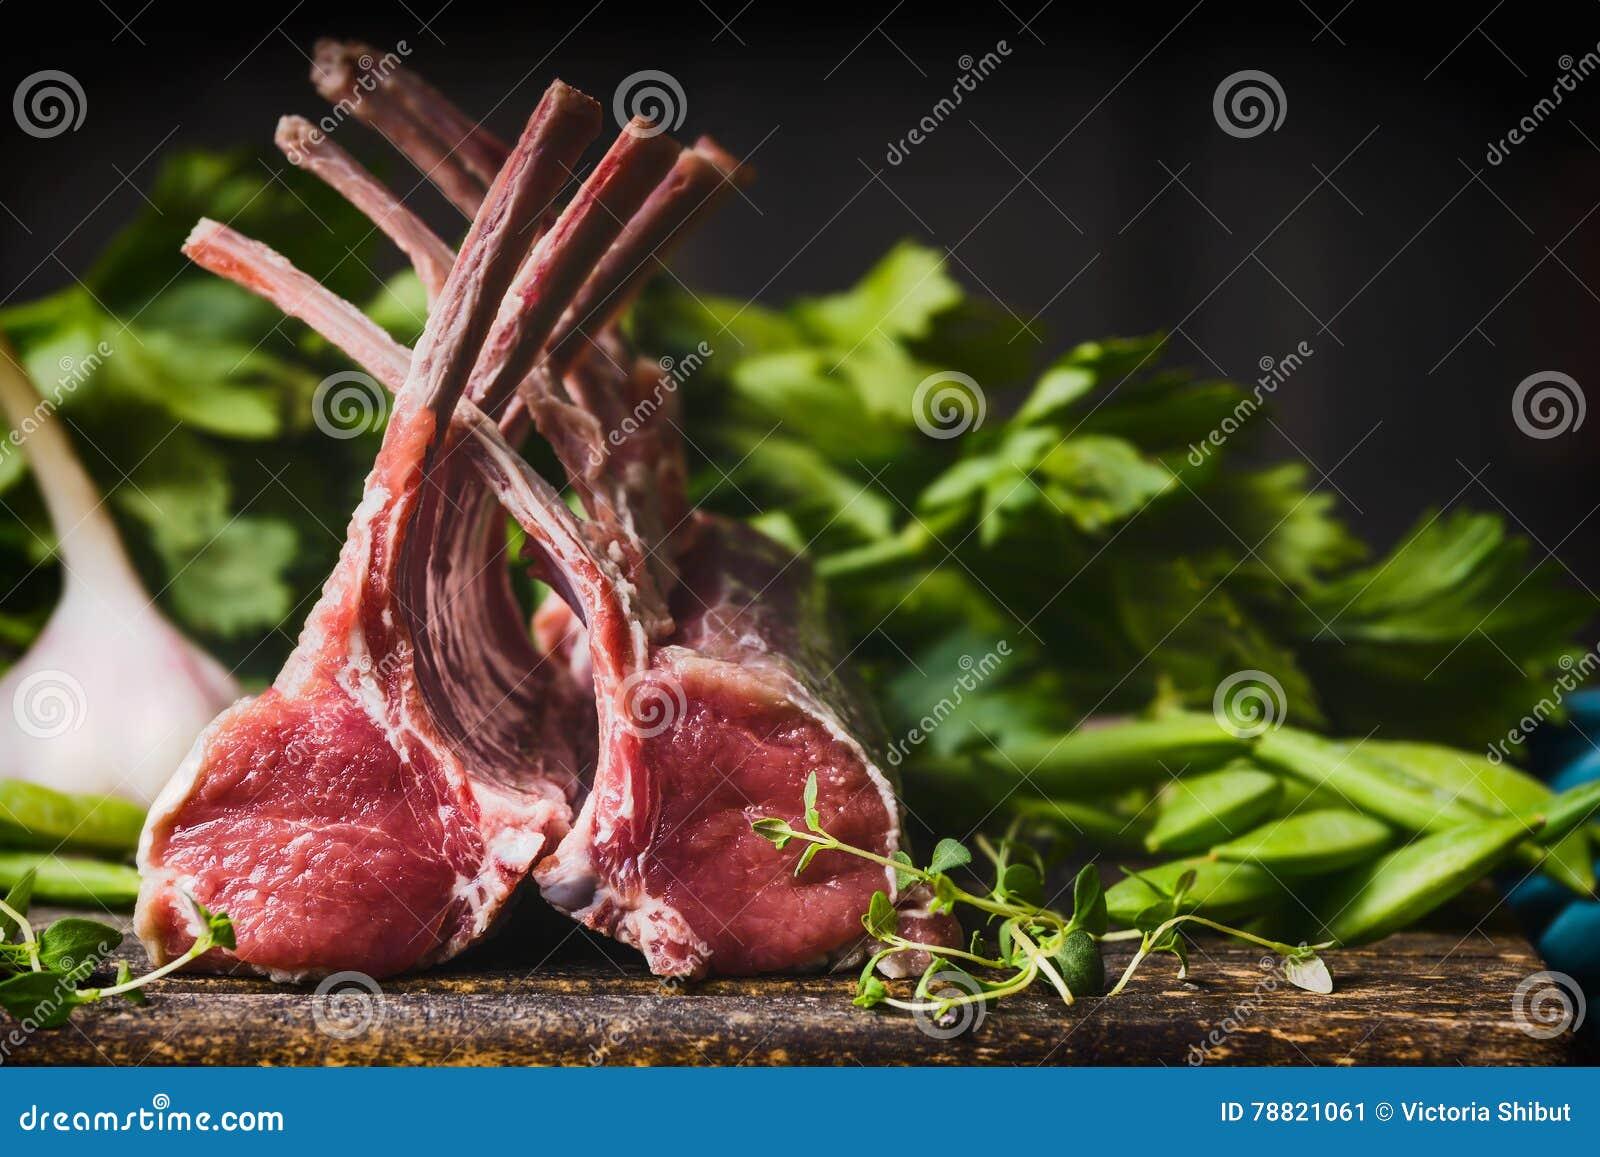 Carrè di agnello, carne cruda con l osso sul tavolo da cucina rustico a fondo di legno